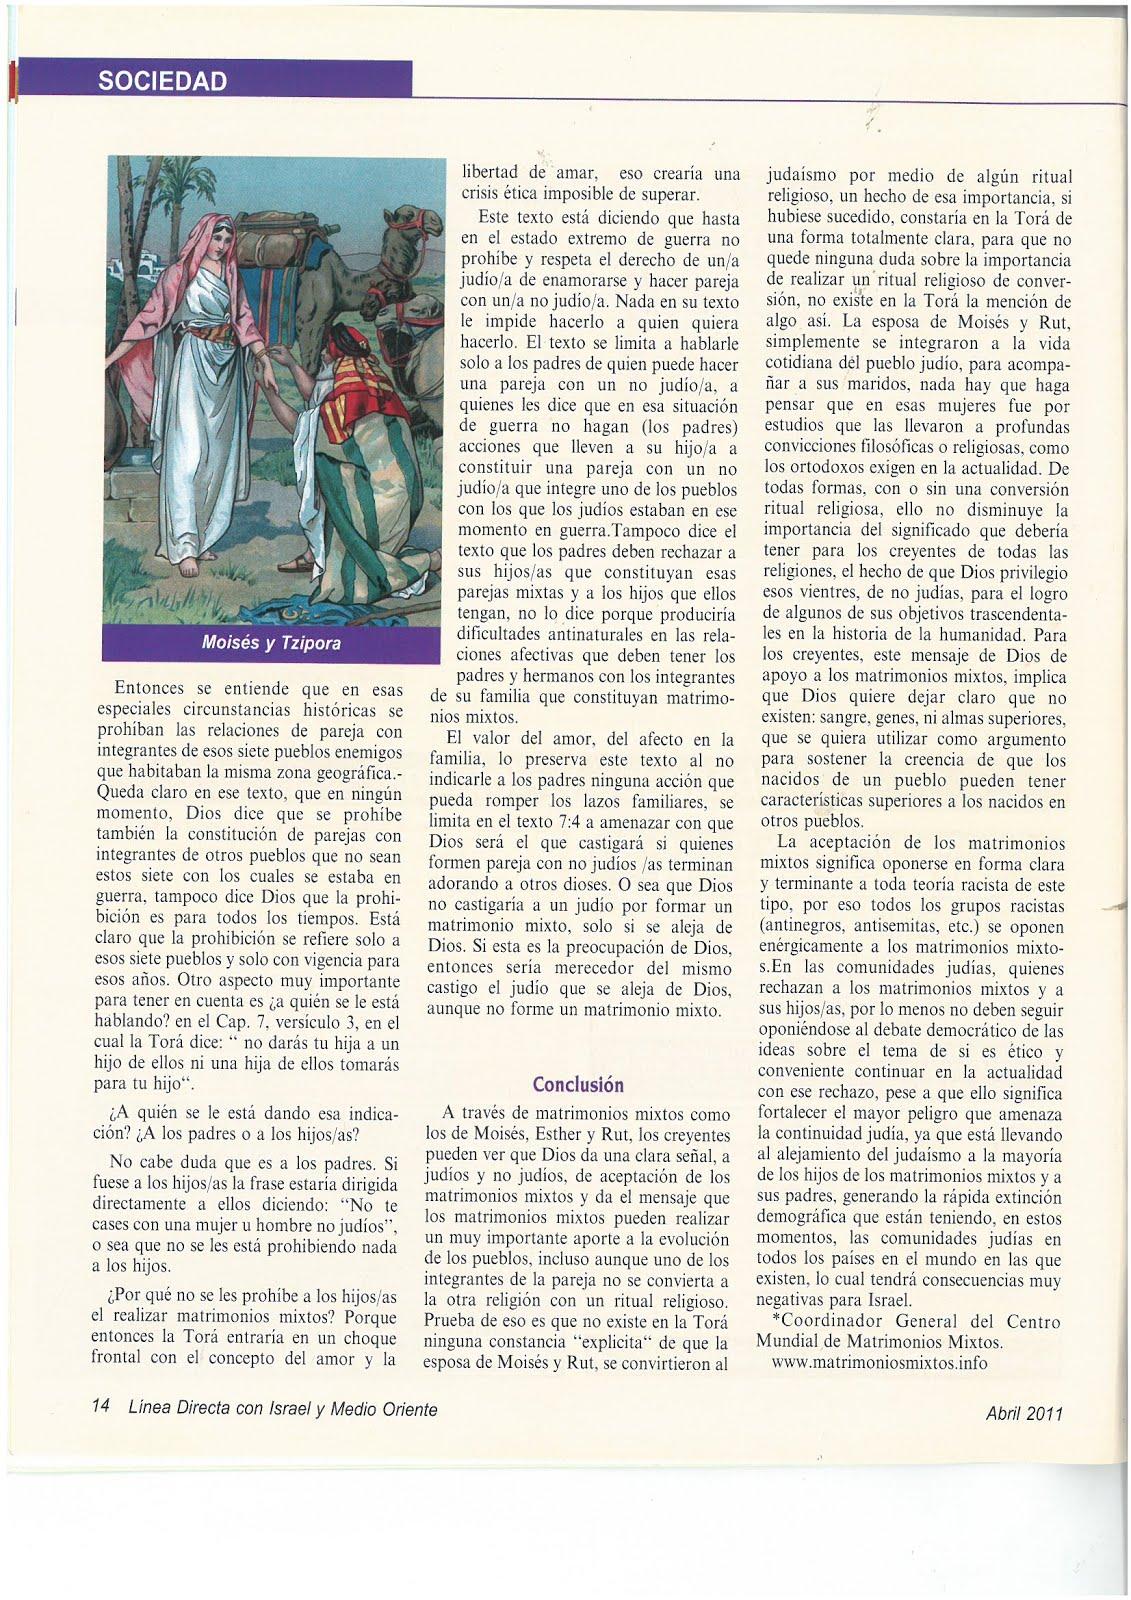 49c - Página 3